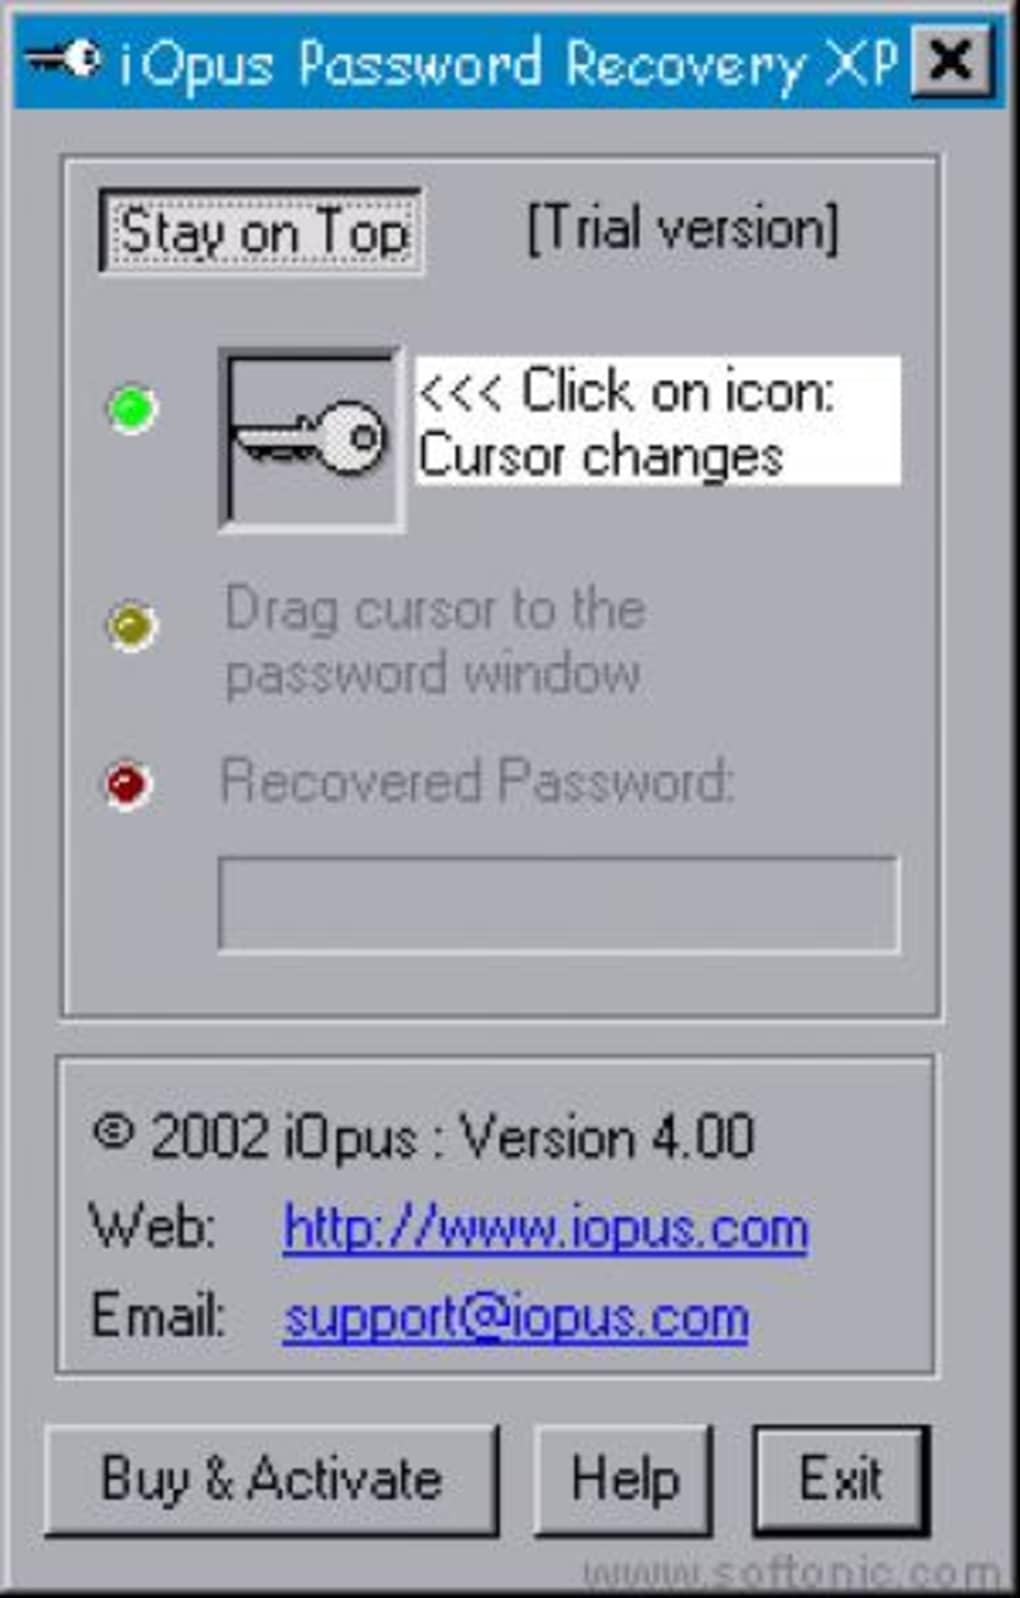 iopus password recovery xp 4.02